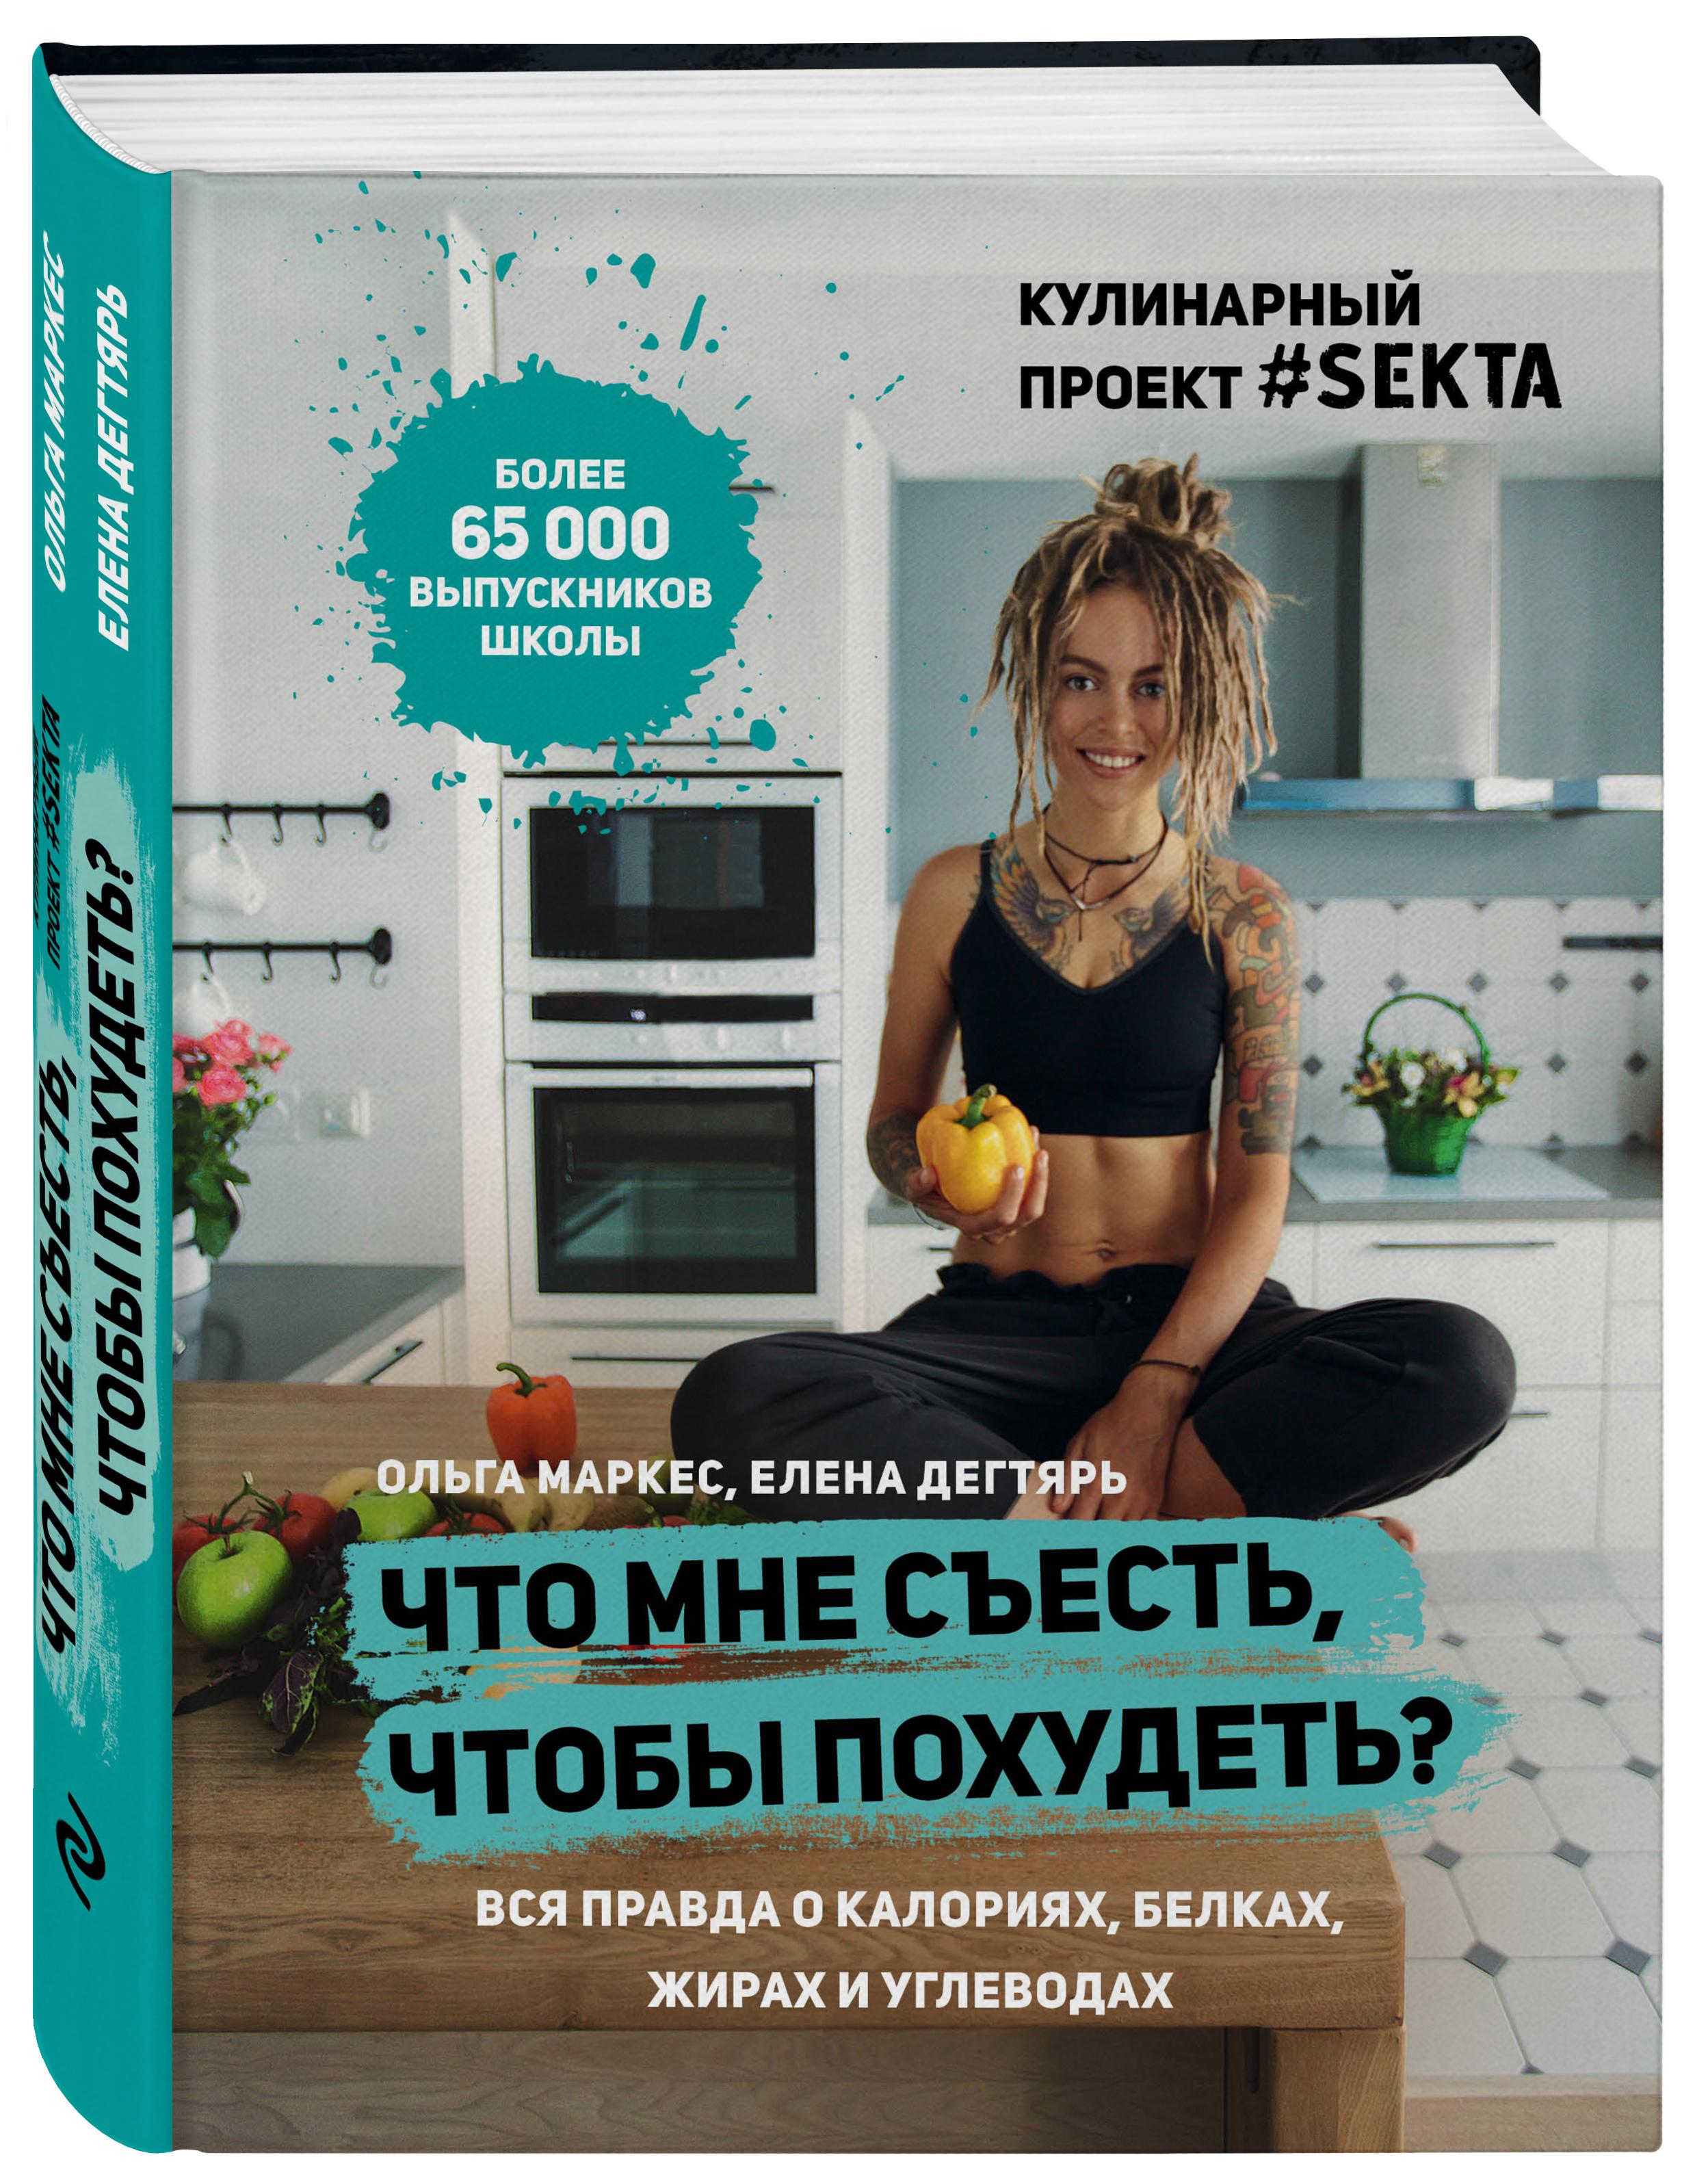 Ольга Маркес, Елена Дегтярь Что мне съесть, чтобы похудеть? Кулинарный проект #SEKTA